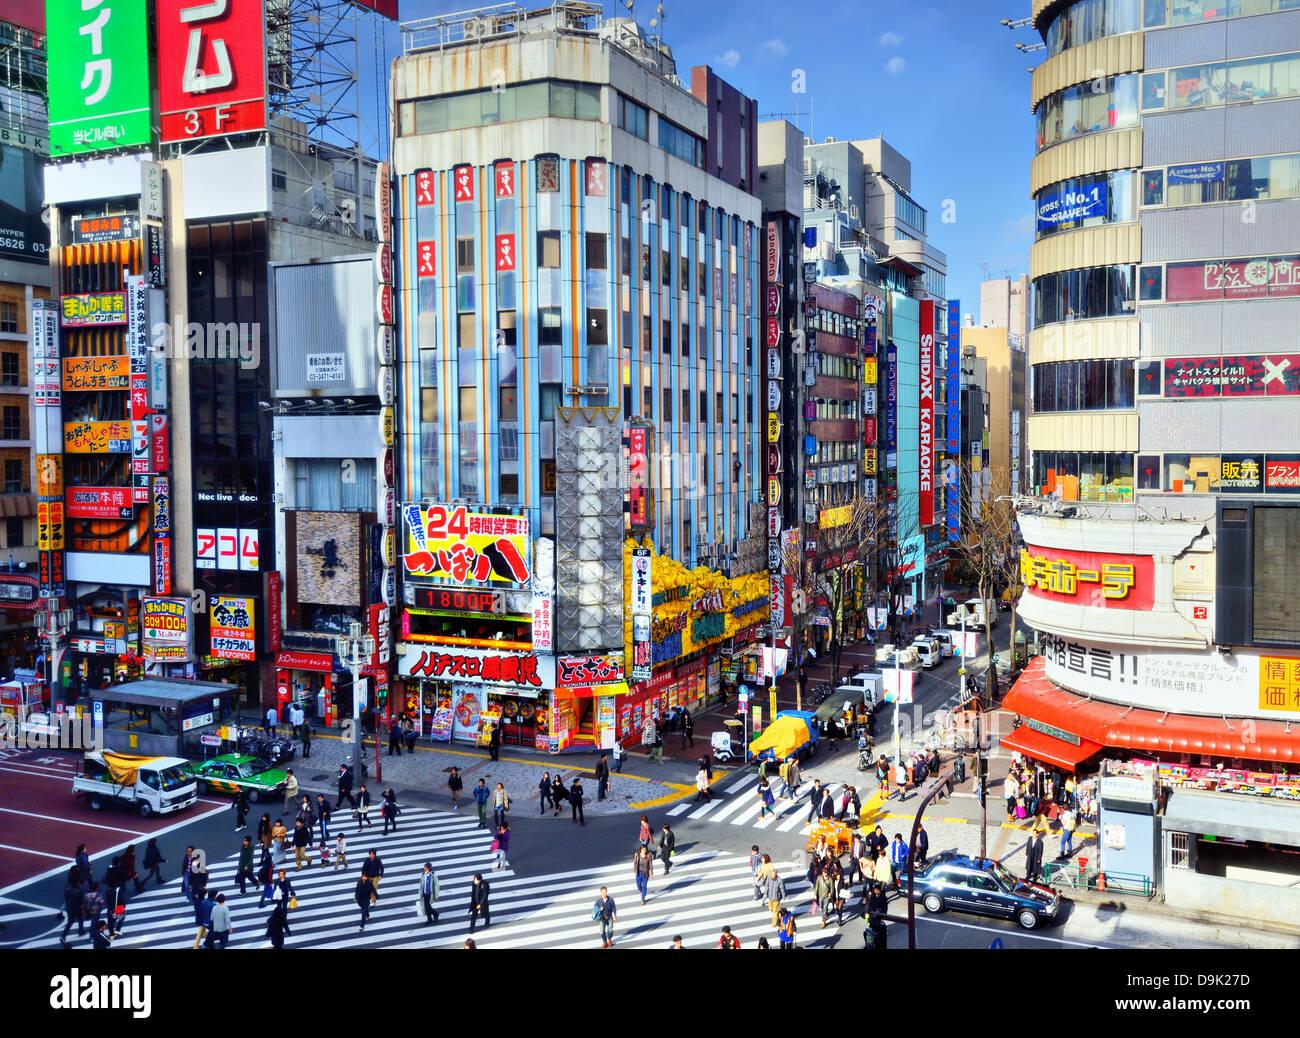 Paesaggio urbano di Shinjuku, Tokyo, Giappone. Immagini Stock